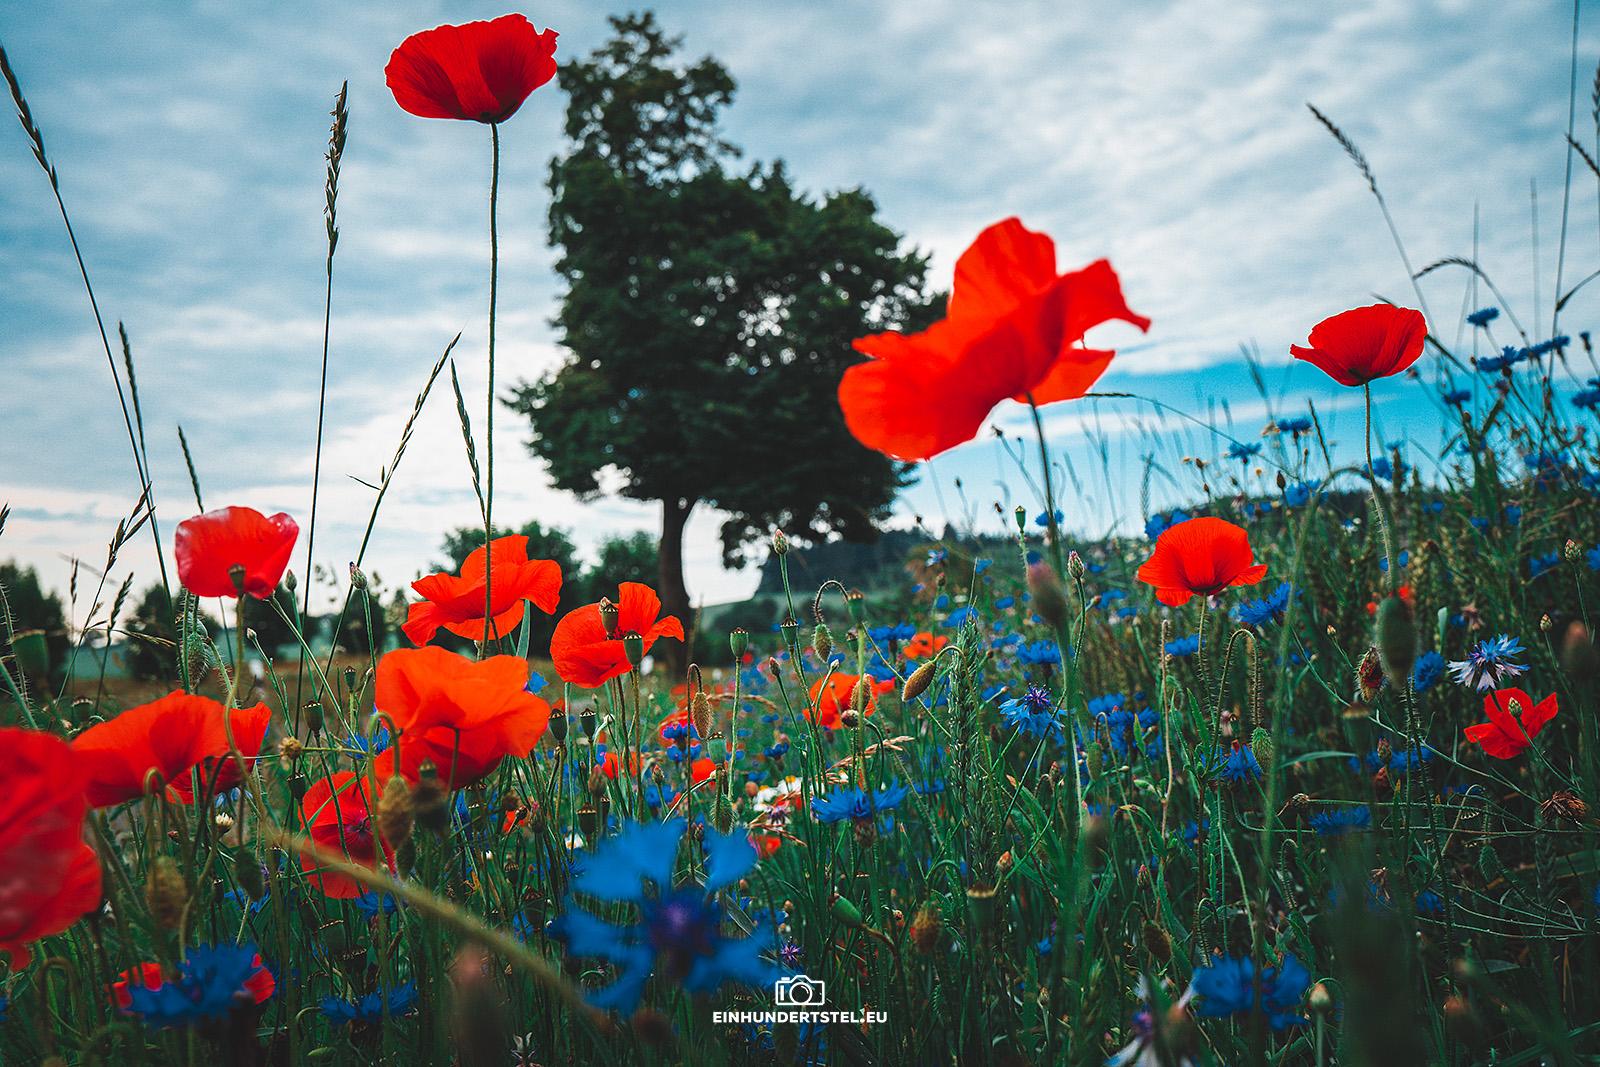 Mohnblumen und Kornblumen am Feldrand. Im Hintergrund ist ein Baum zu sehen.